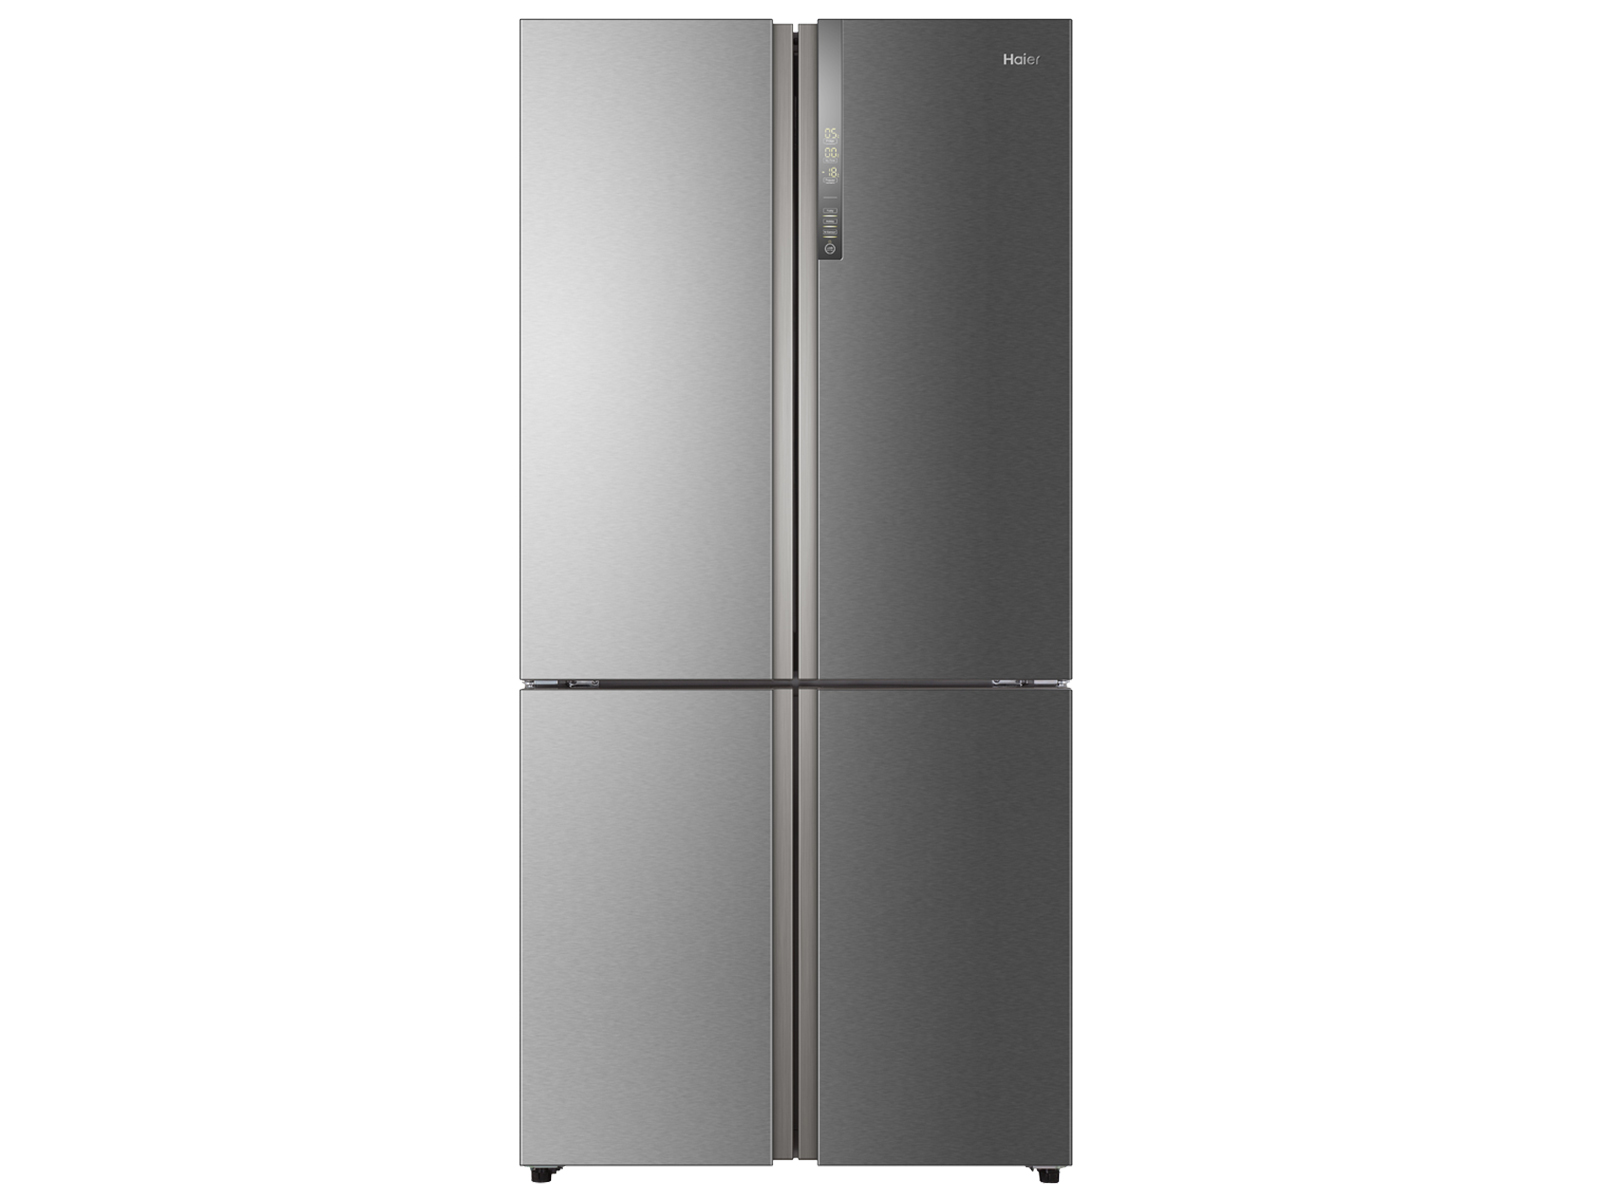 Kühlschrank Haier : Haier htf 610dm7 side by side kühl gefrier kombination edelstahl